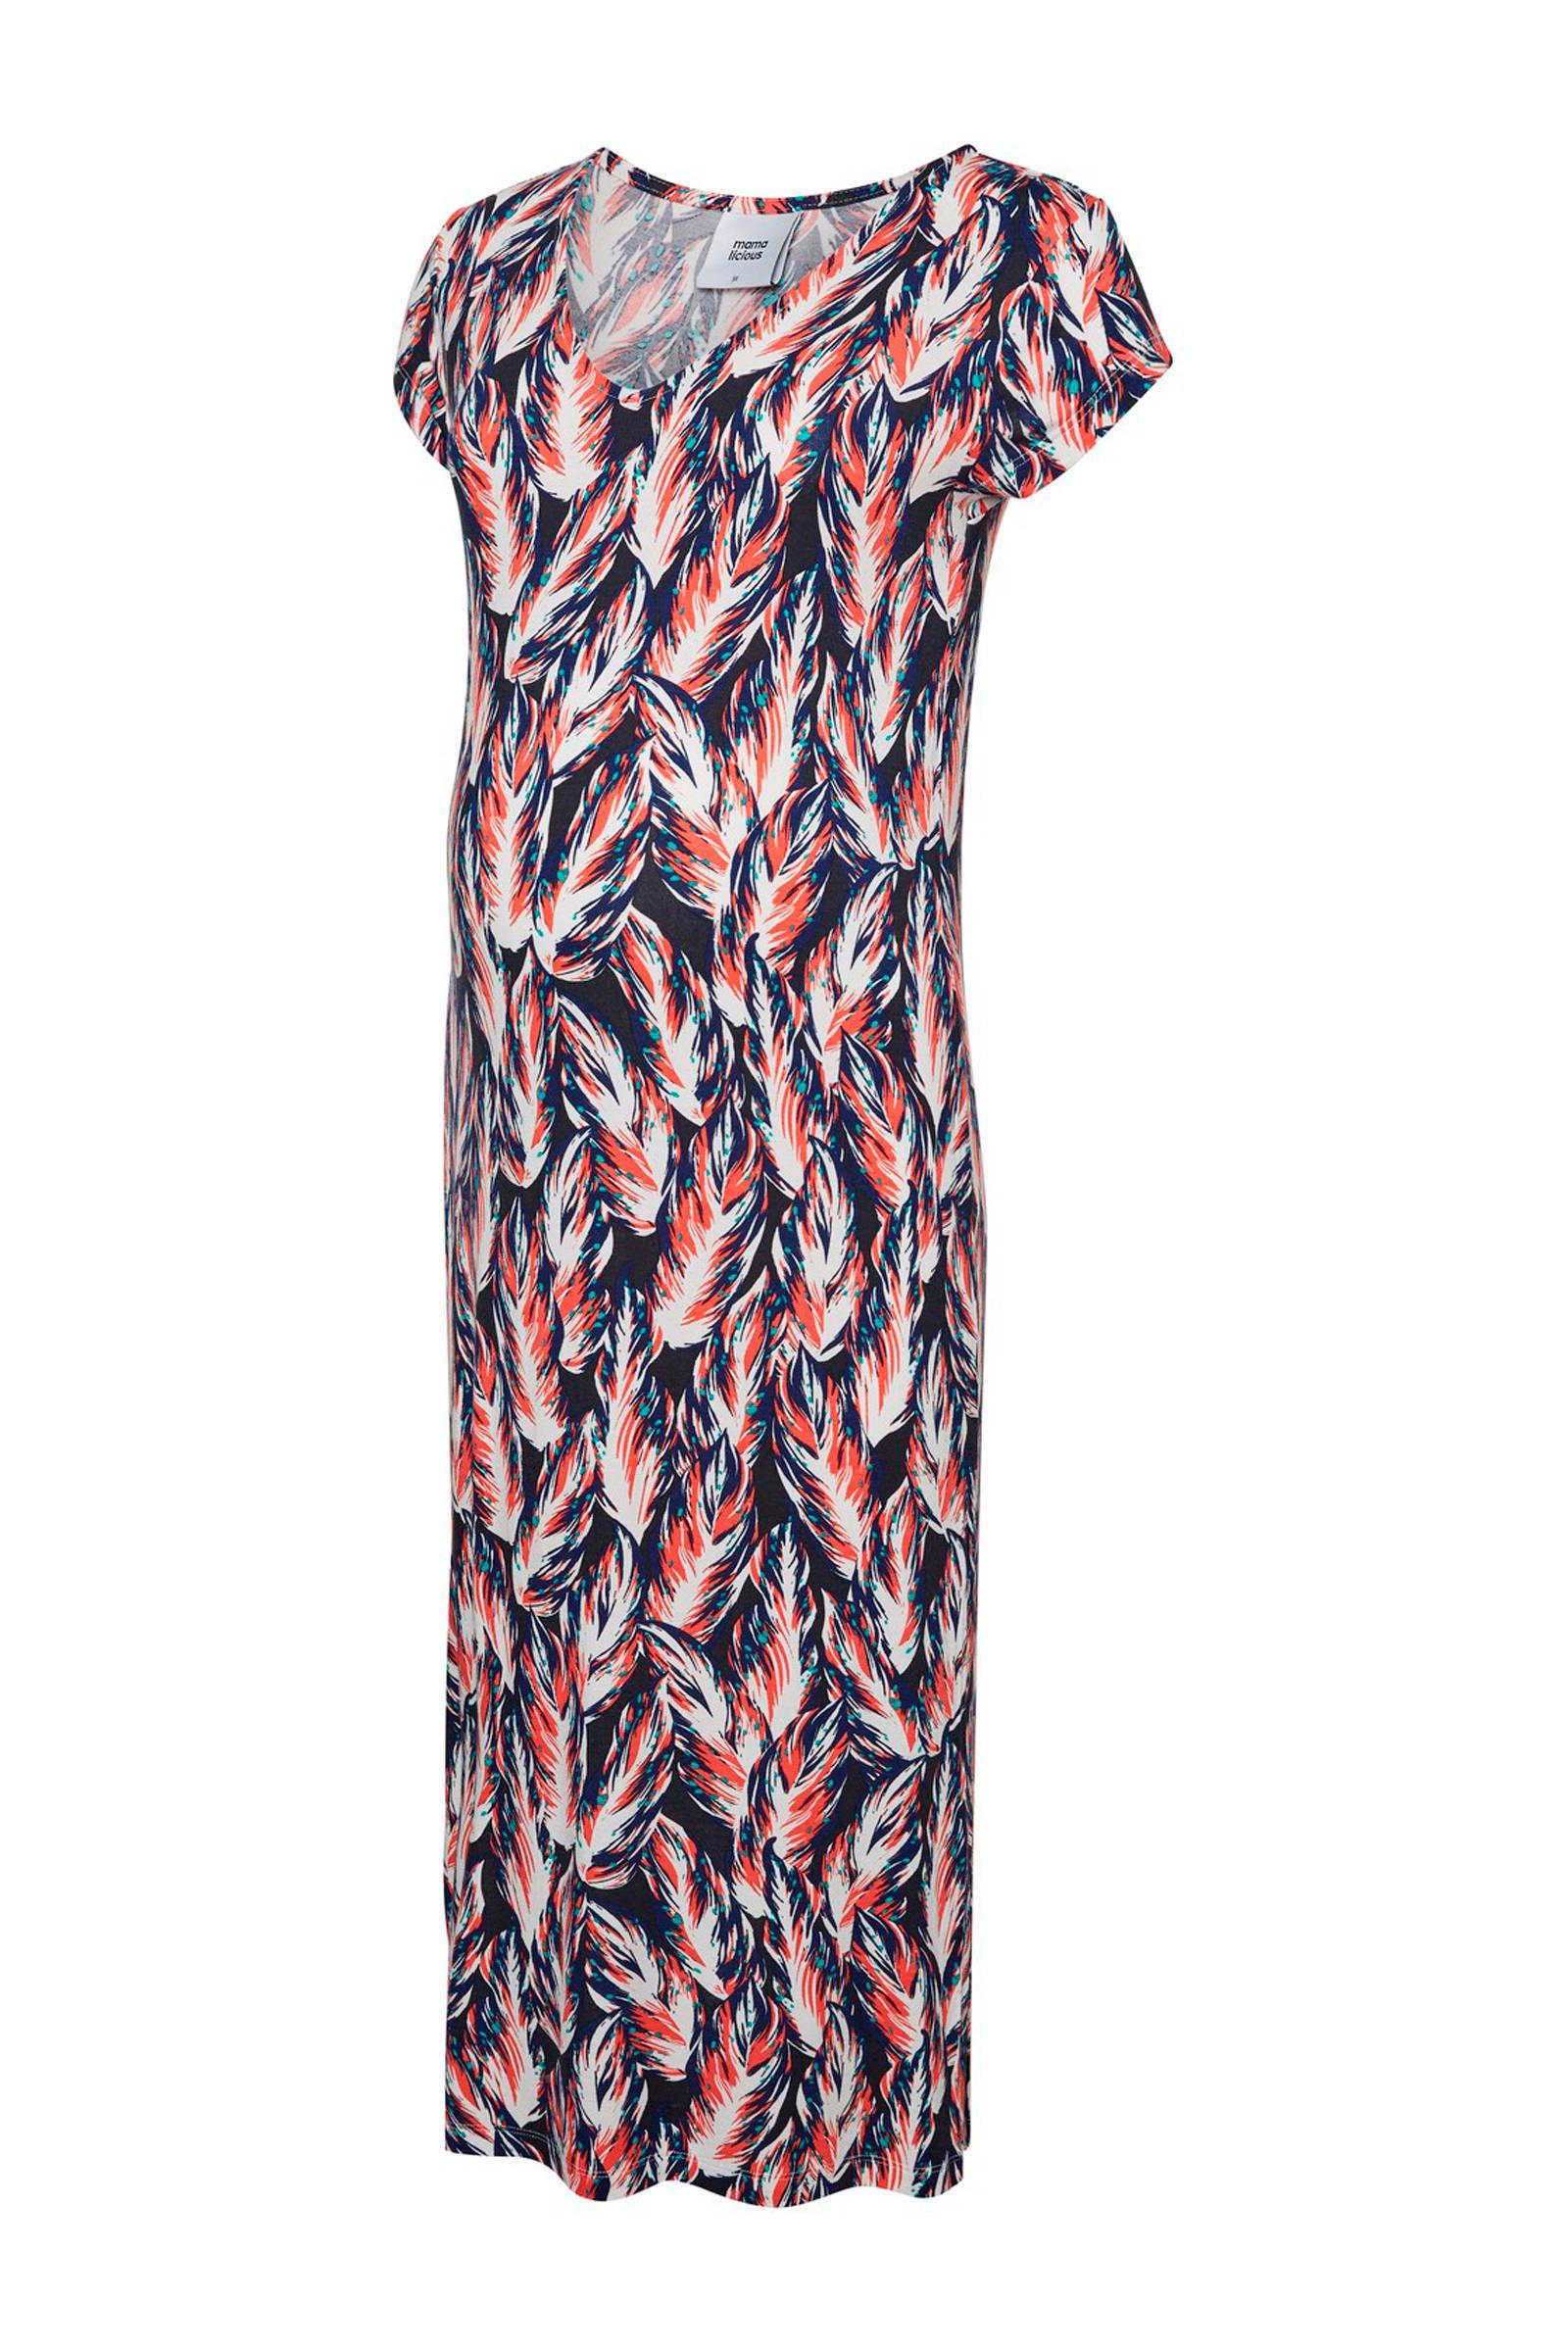 f52e6da1e61d2b Maxi jurken bij wehkamp - Gratis bezorging vanaf 20.-